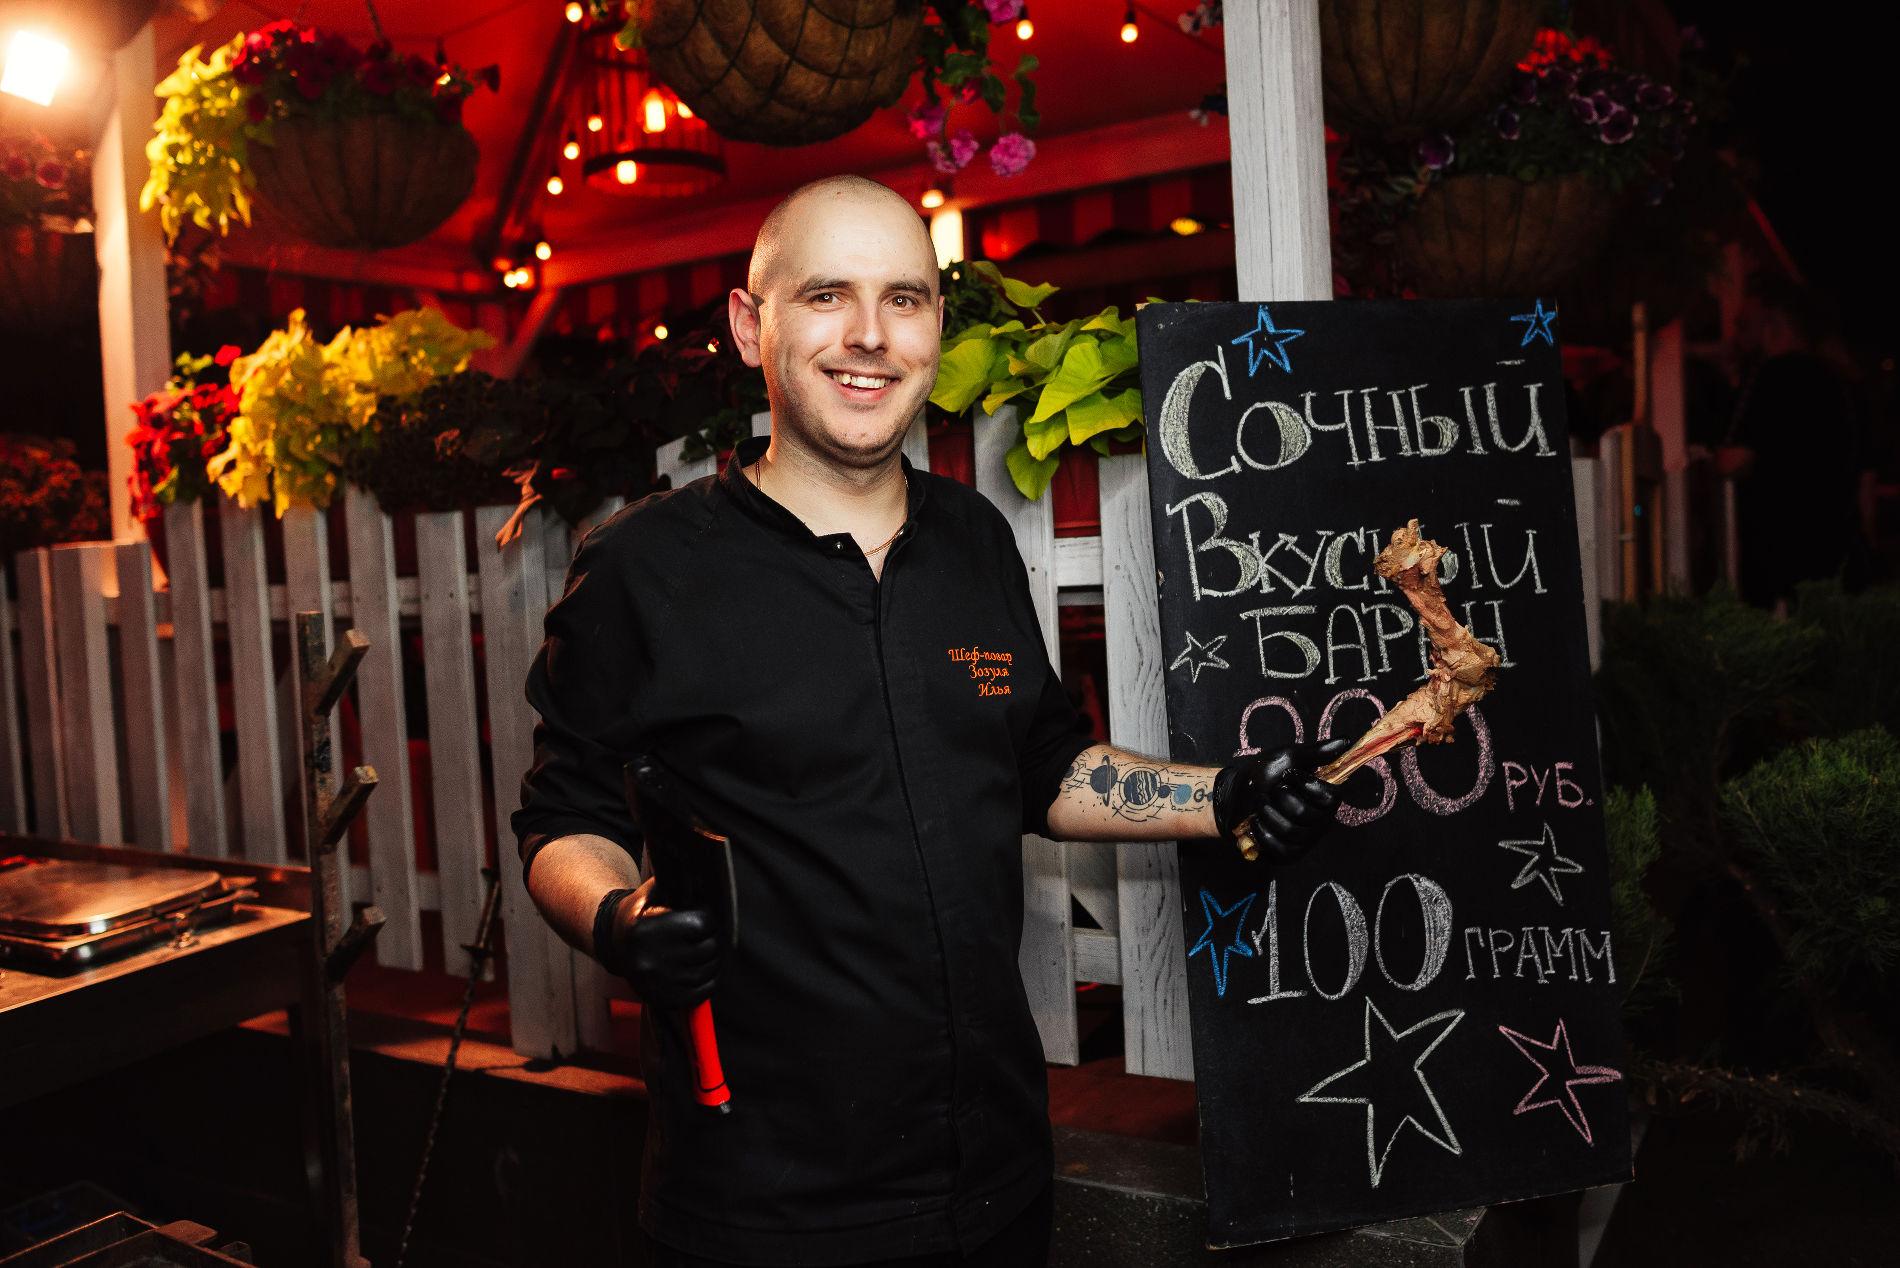 Шеф-повар ресторана «Пиноккио Djan» Илья Зозуля ©Фото предоставлено рестораном «Пиноккио Djan»